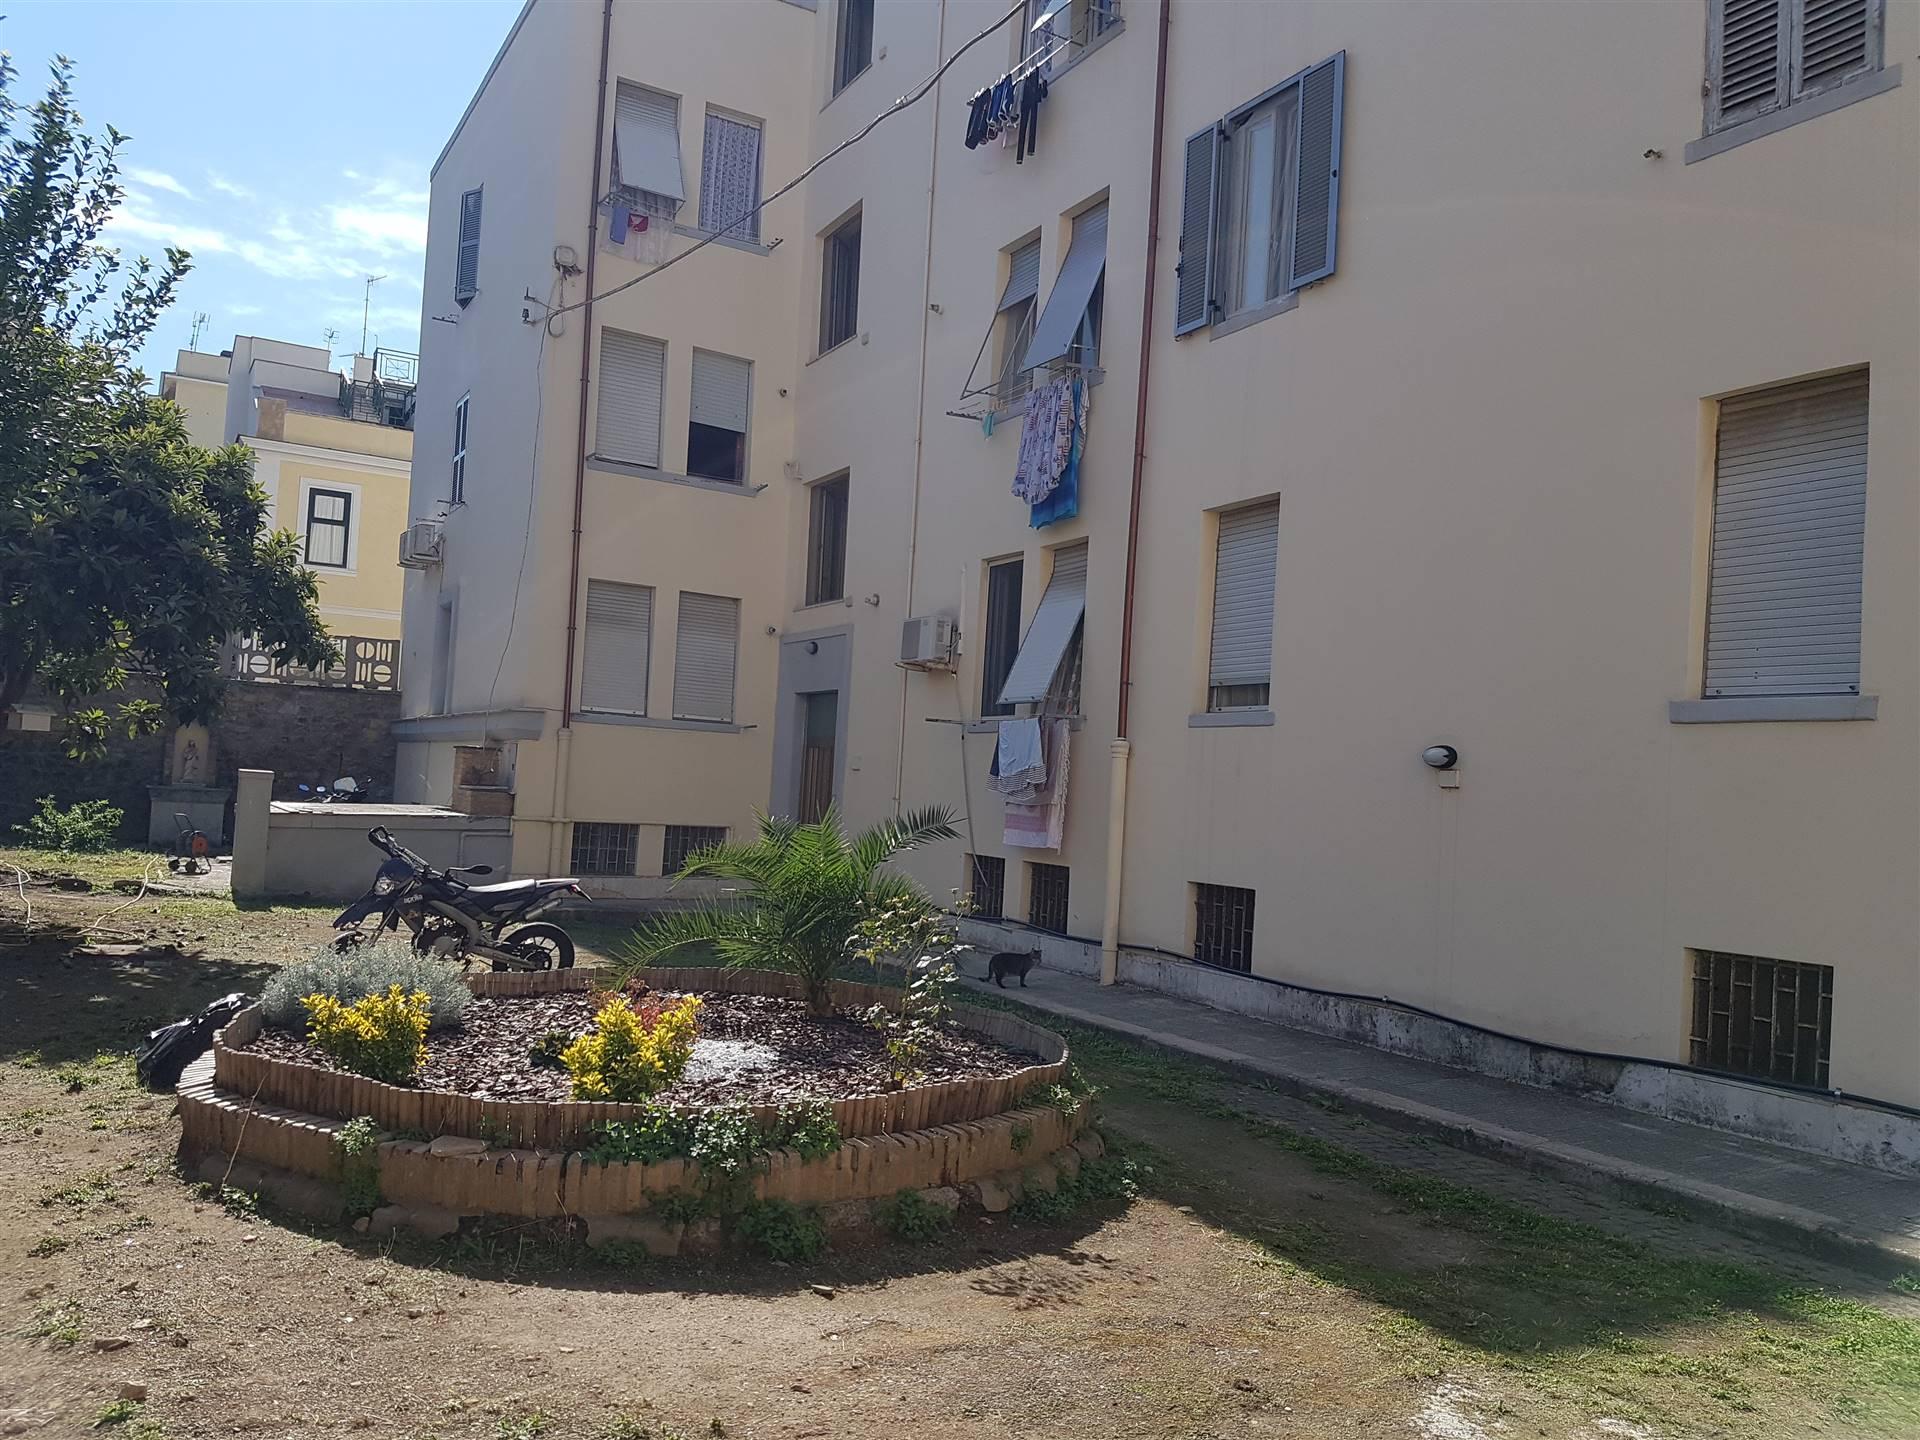 Appartamento in vendita a Civitavecchia, 3 locali, zona Località: CENTRO, prezzo € 107.000   CambioCasa.it